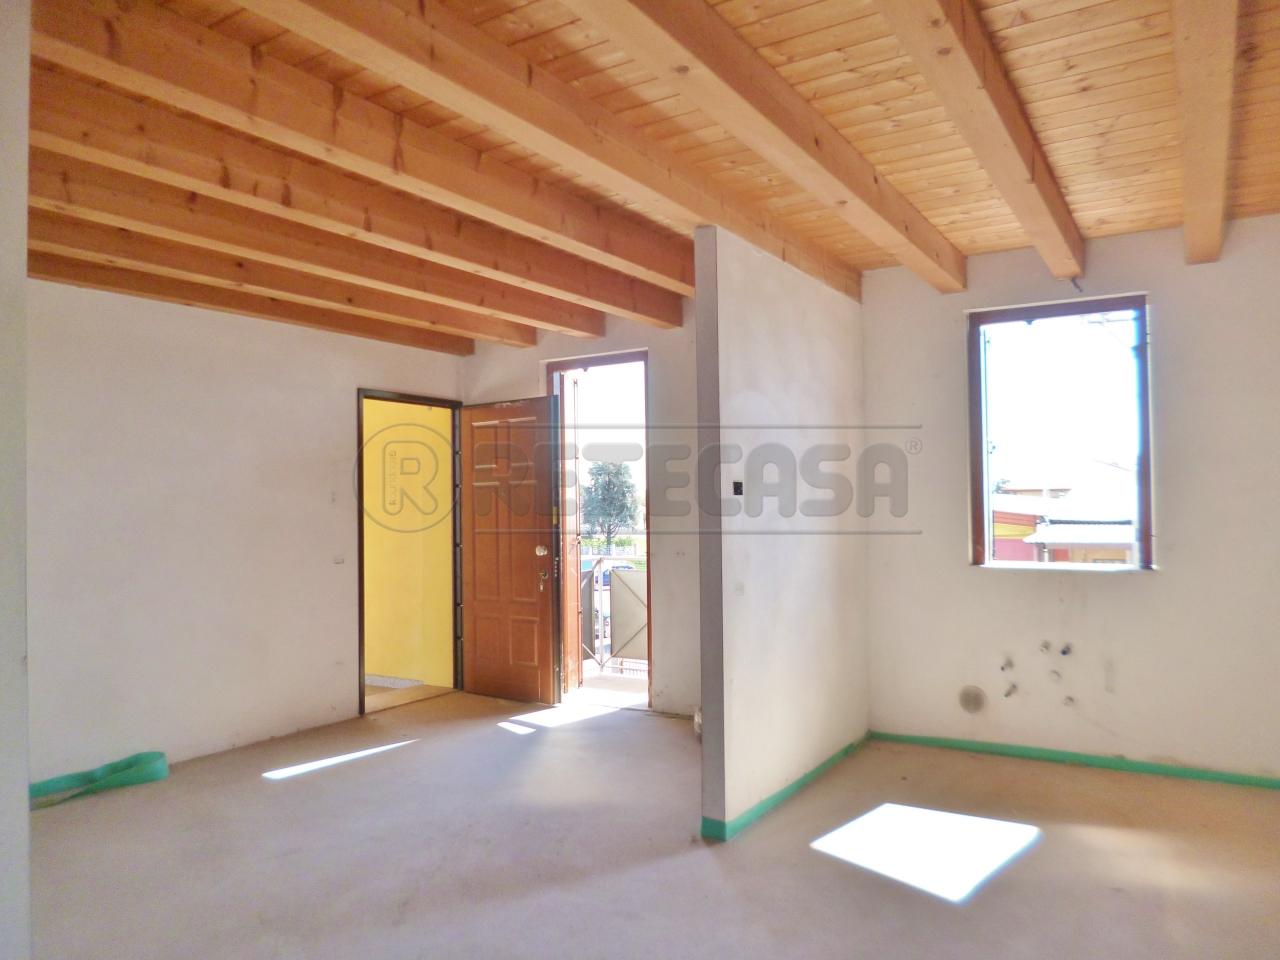 Appartamento in vendita a Veronella, 5 locali, prezzo € 78.000   PortaleAgenzieImmobiliari.it